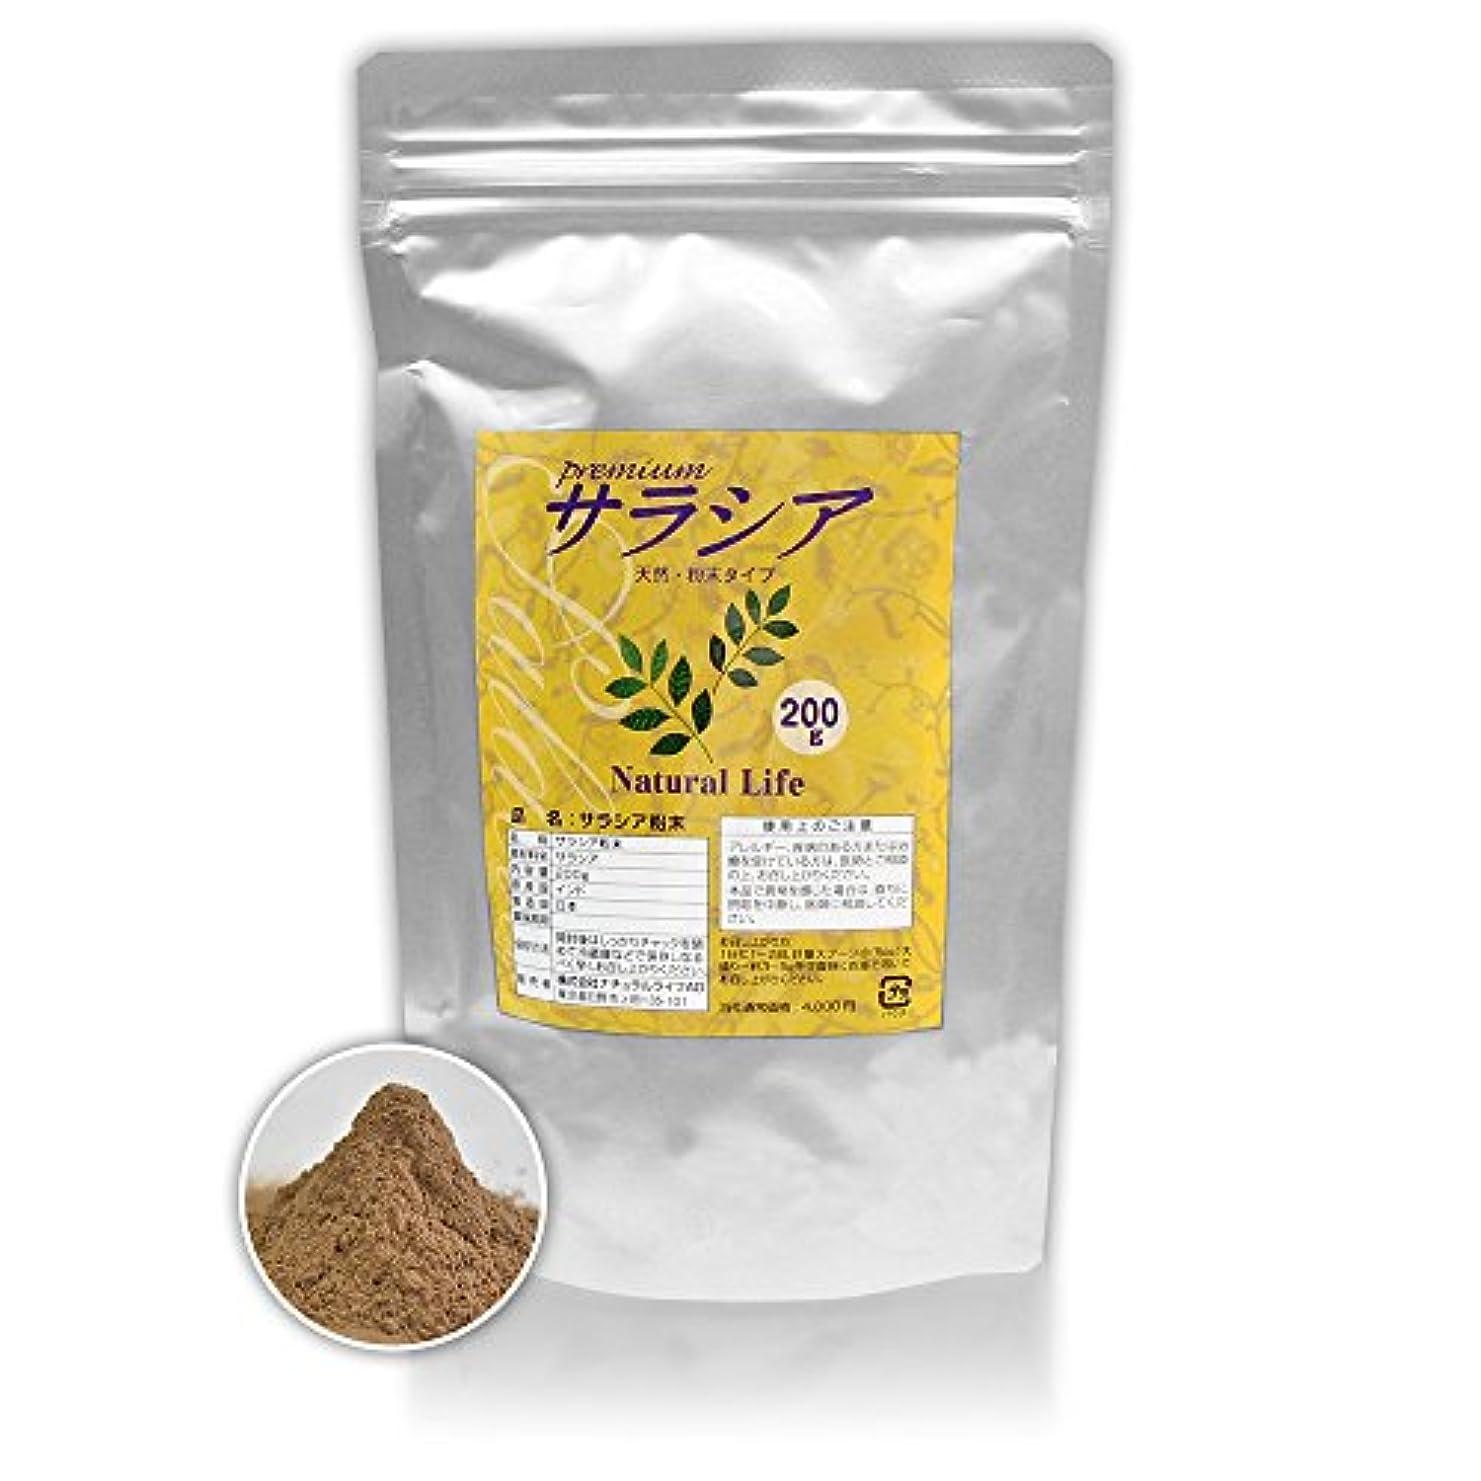 犠牲デイジーシーズンサラシア粉末[200g]天然ピュア原料(無添加)健康食品(さらしあ,レティキュラータ)